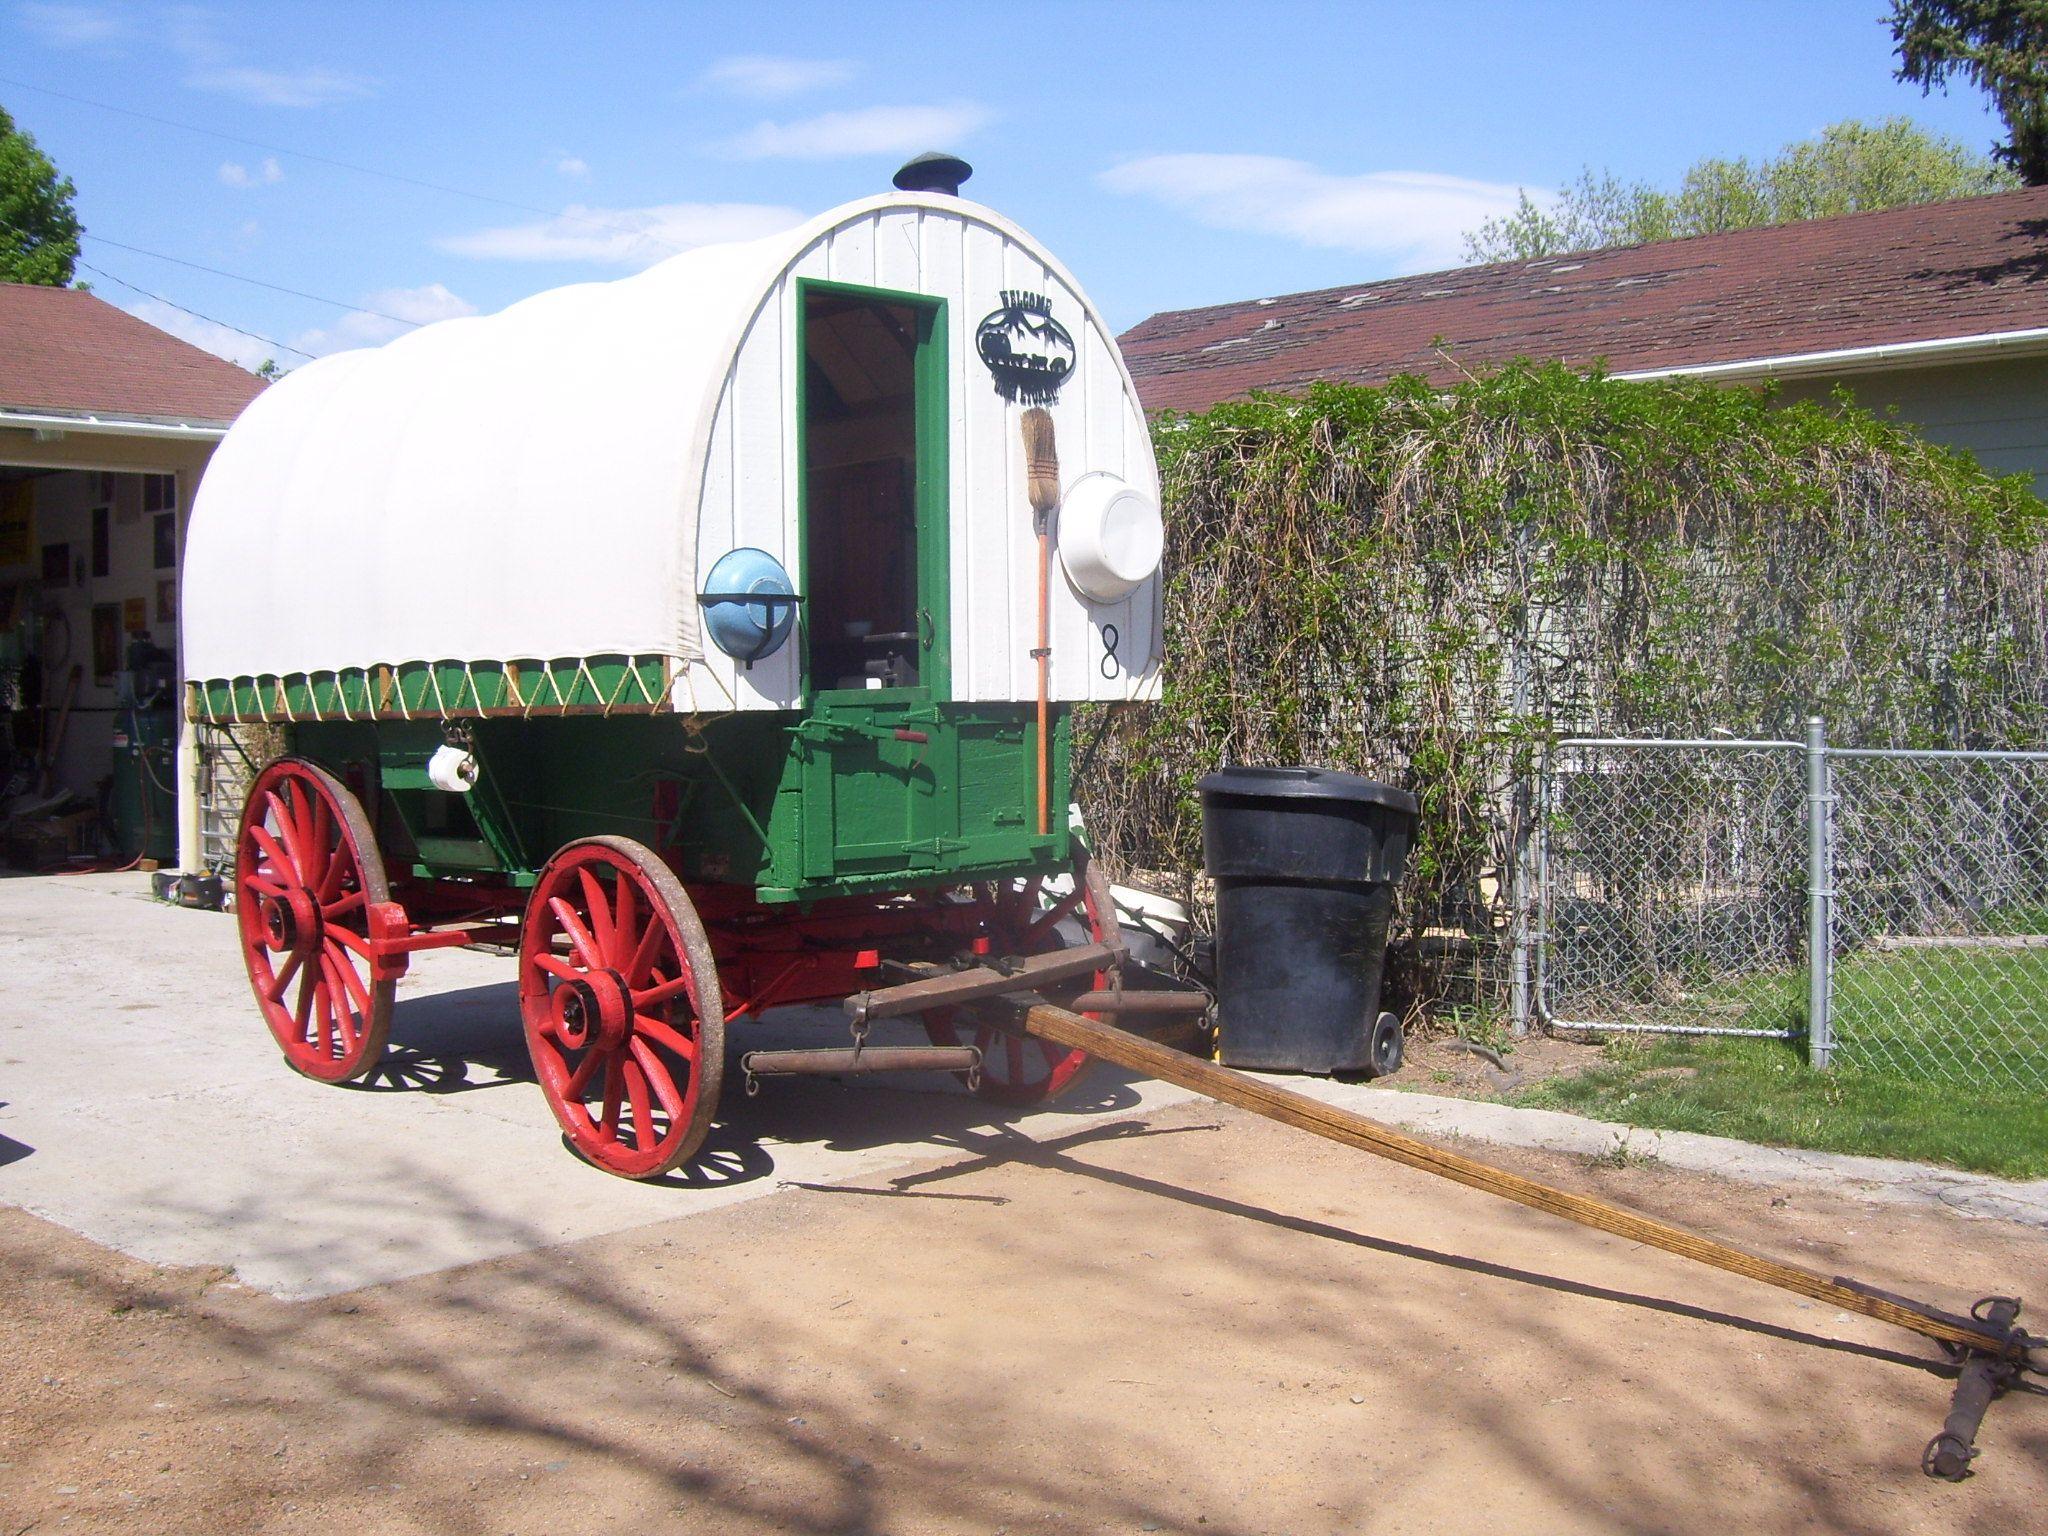 Pin On Basque Sheep Camps Sheep Wagons Sheepcamps Campwagons